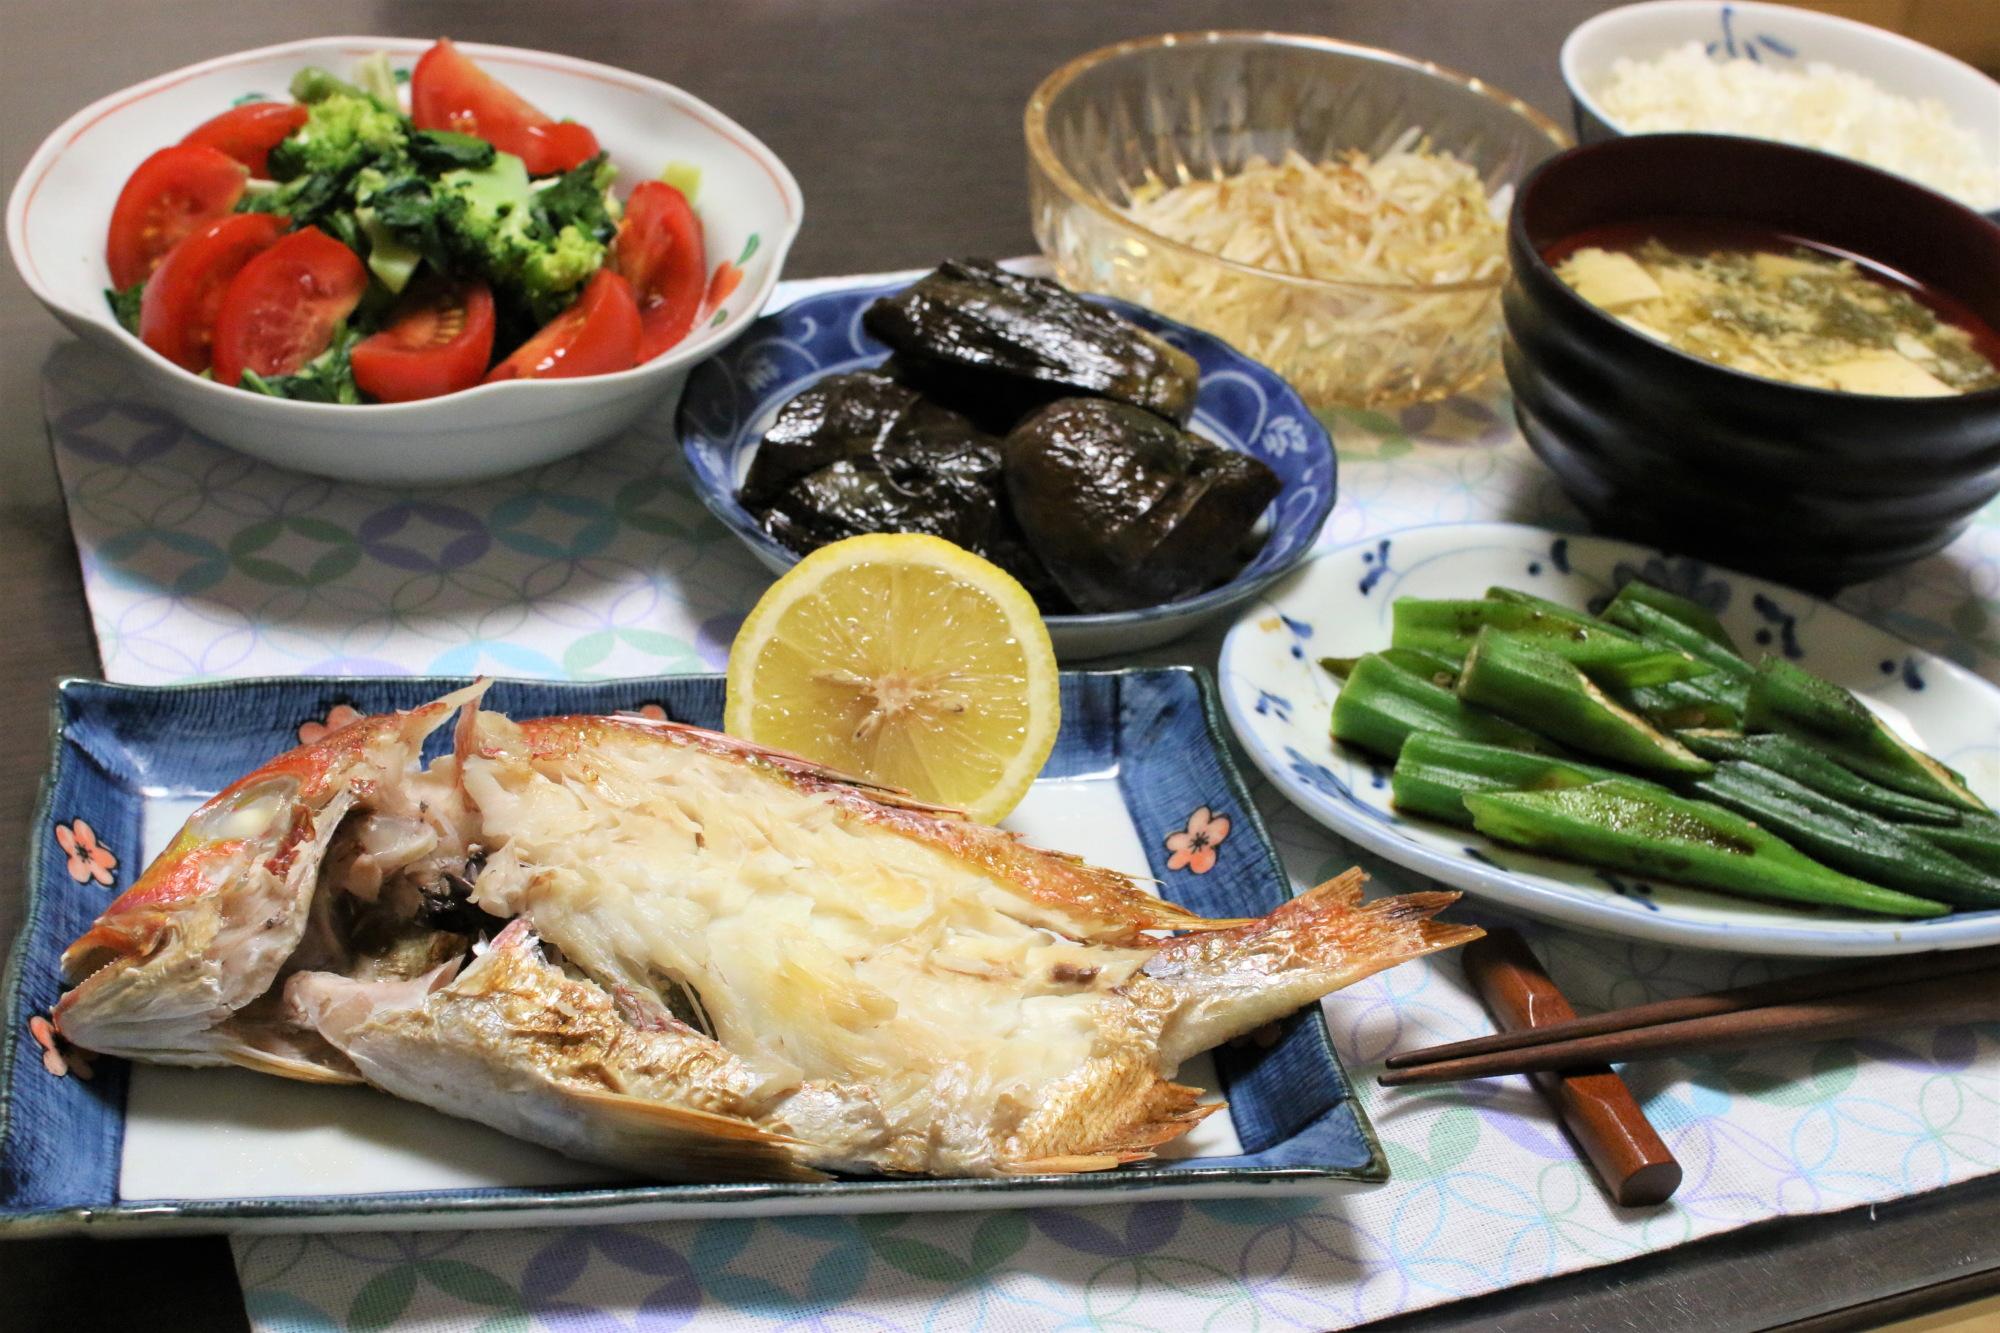 鯛の塩焼きと茹でオクラ、ナスの炊いたんなど、おばあがつくった晩ごはん